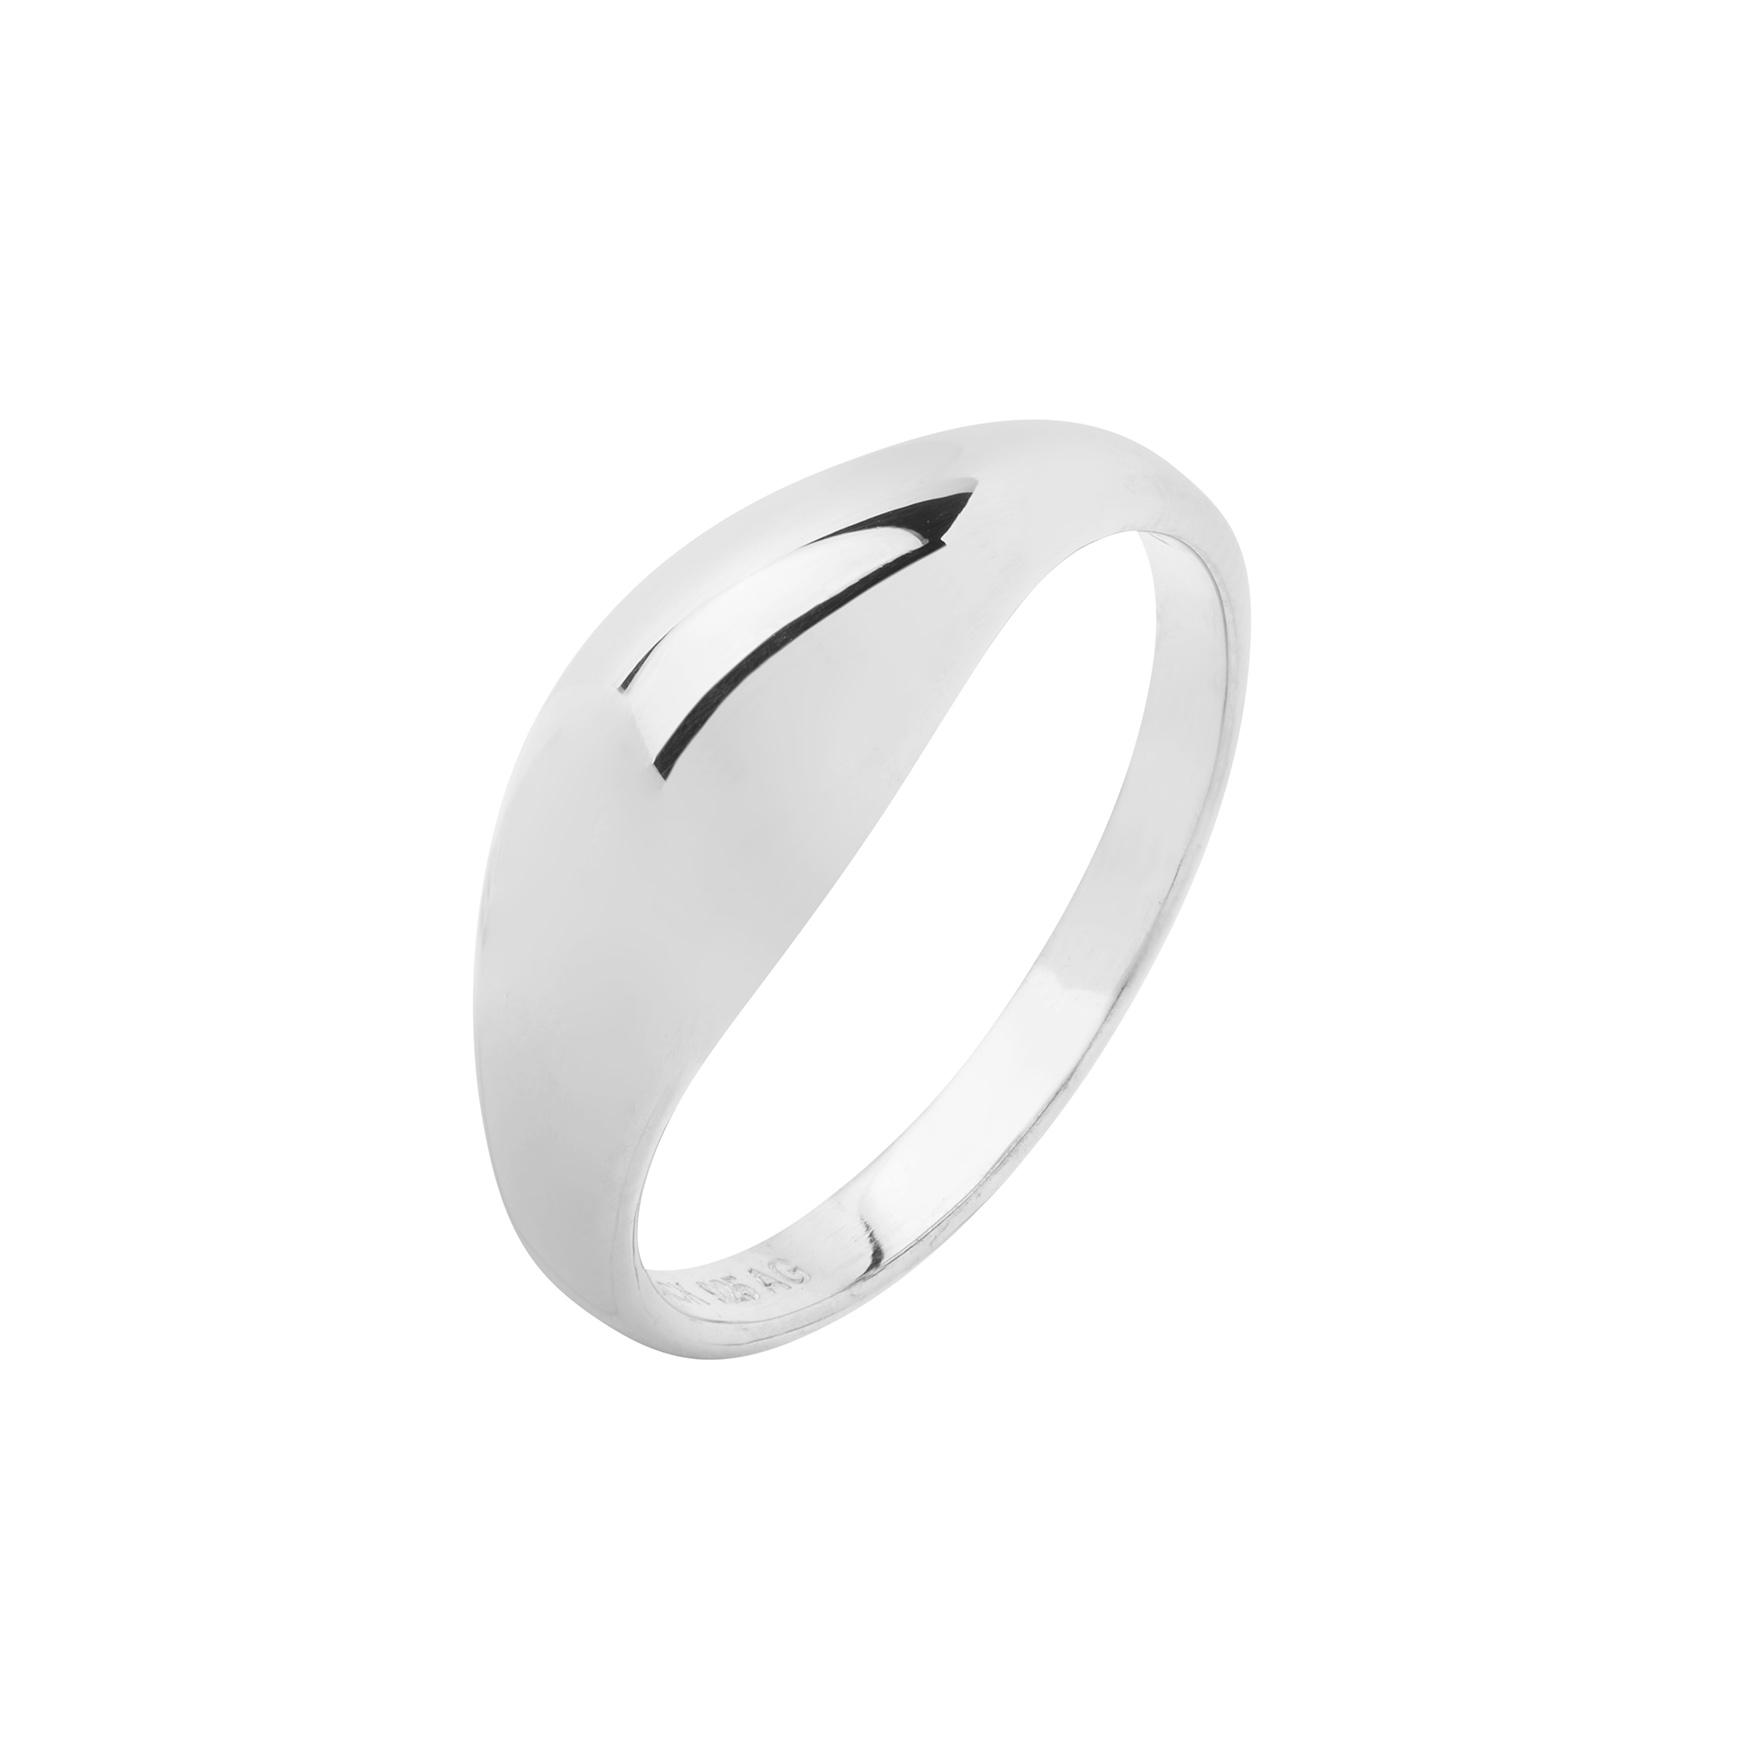 maria black – Maria black esther sølv ring - 500351 størrelse 50 på brodersen + kobborg